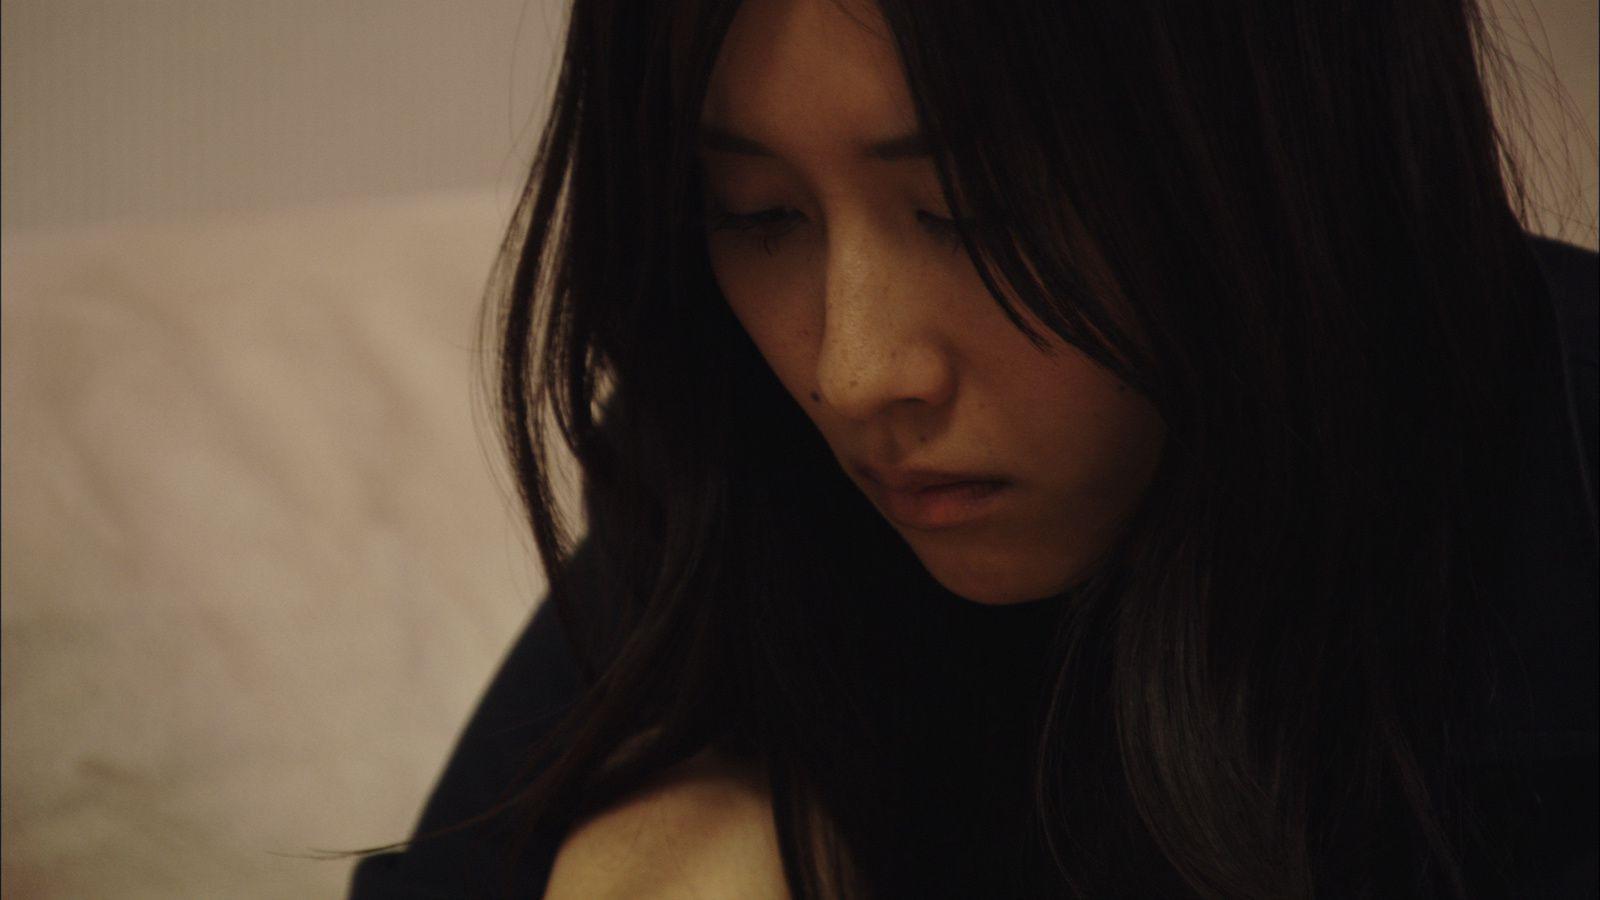 PASSION (BANDE-ANNONCE) de Ryûsuke Hamaguchi - Le 15 mai 2019 au cinéma